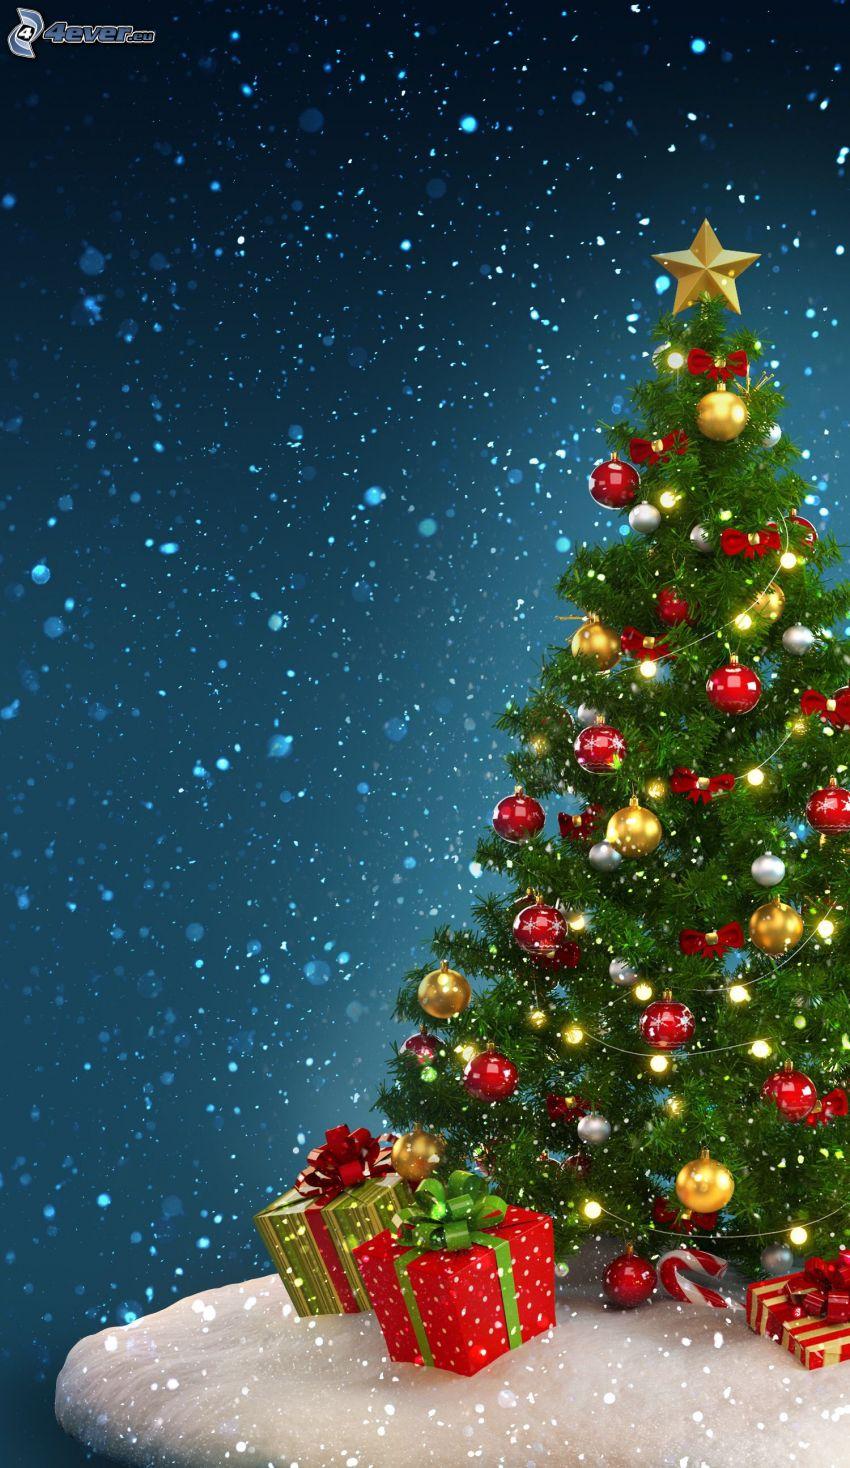 vianočný stromček, vianočné gule, darčeky, sneženie, kreslené